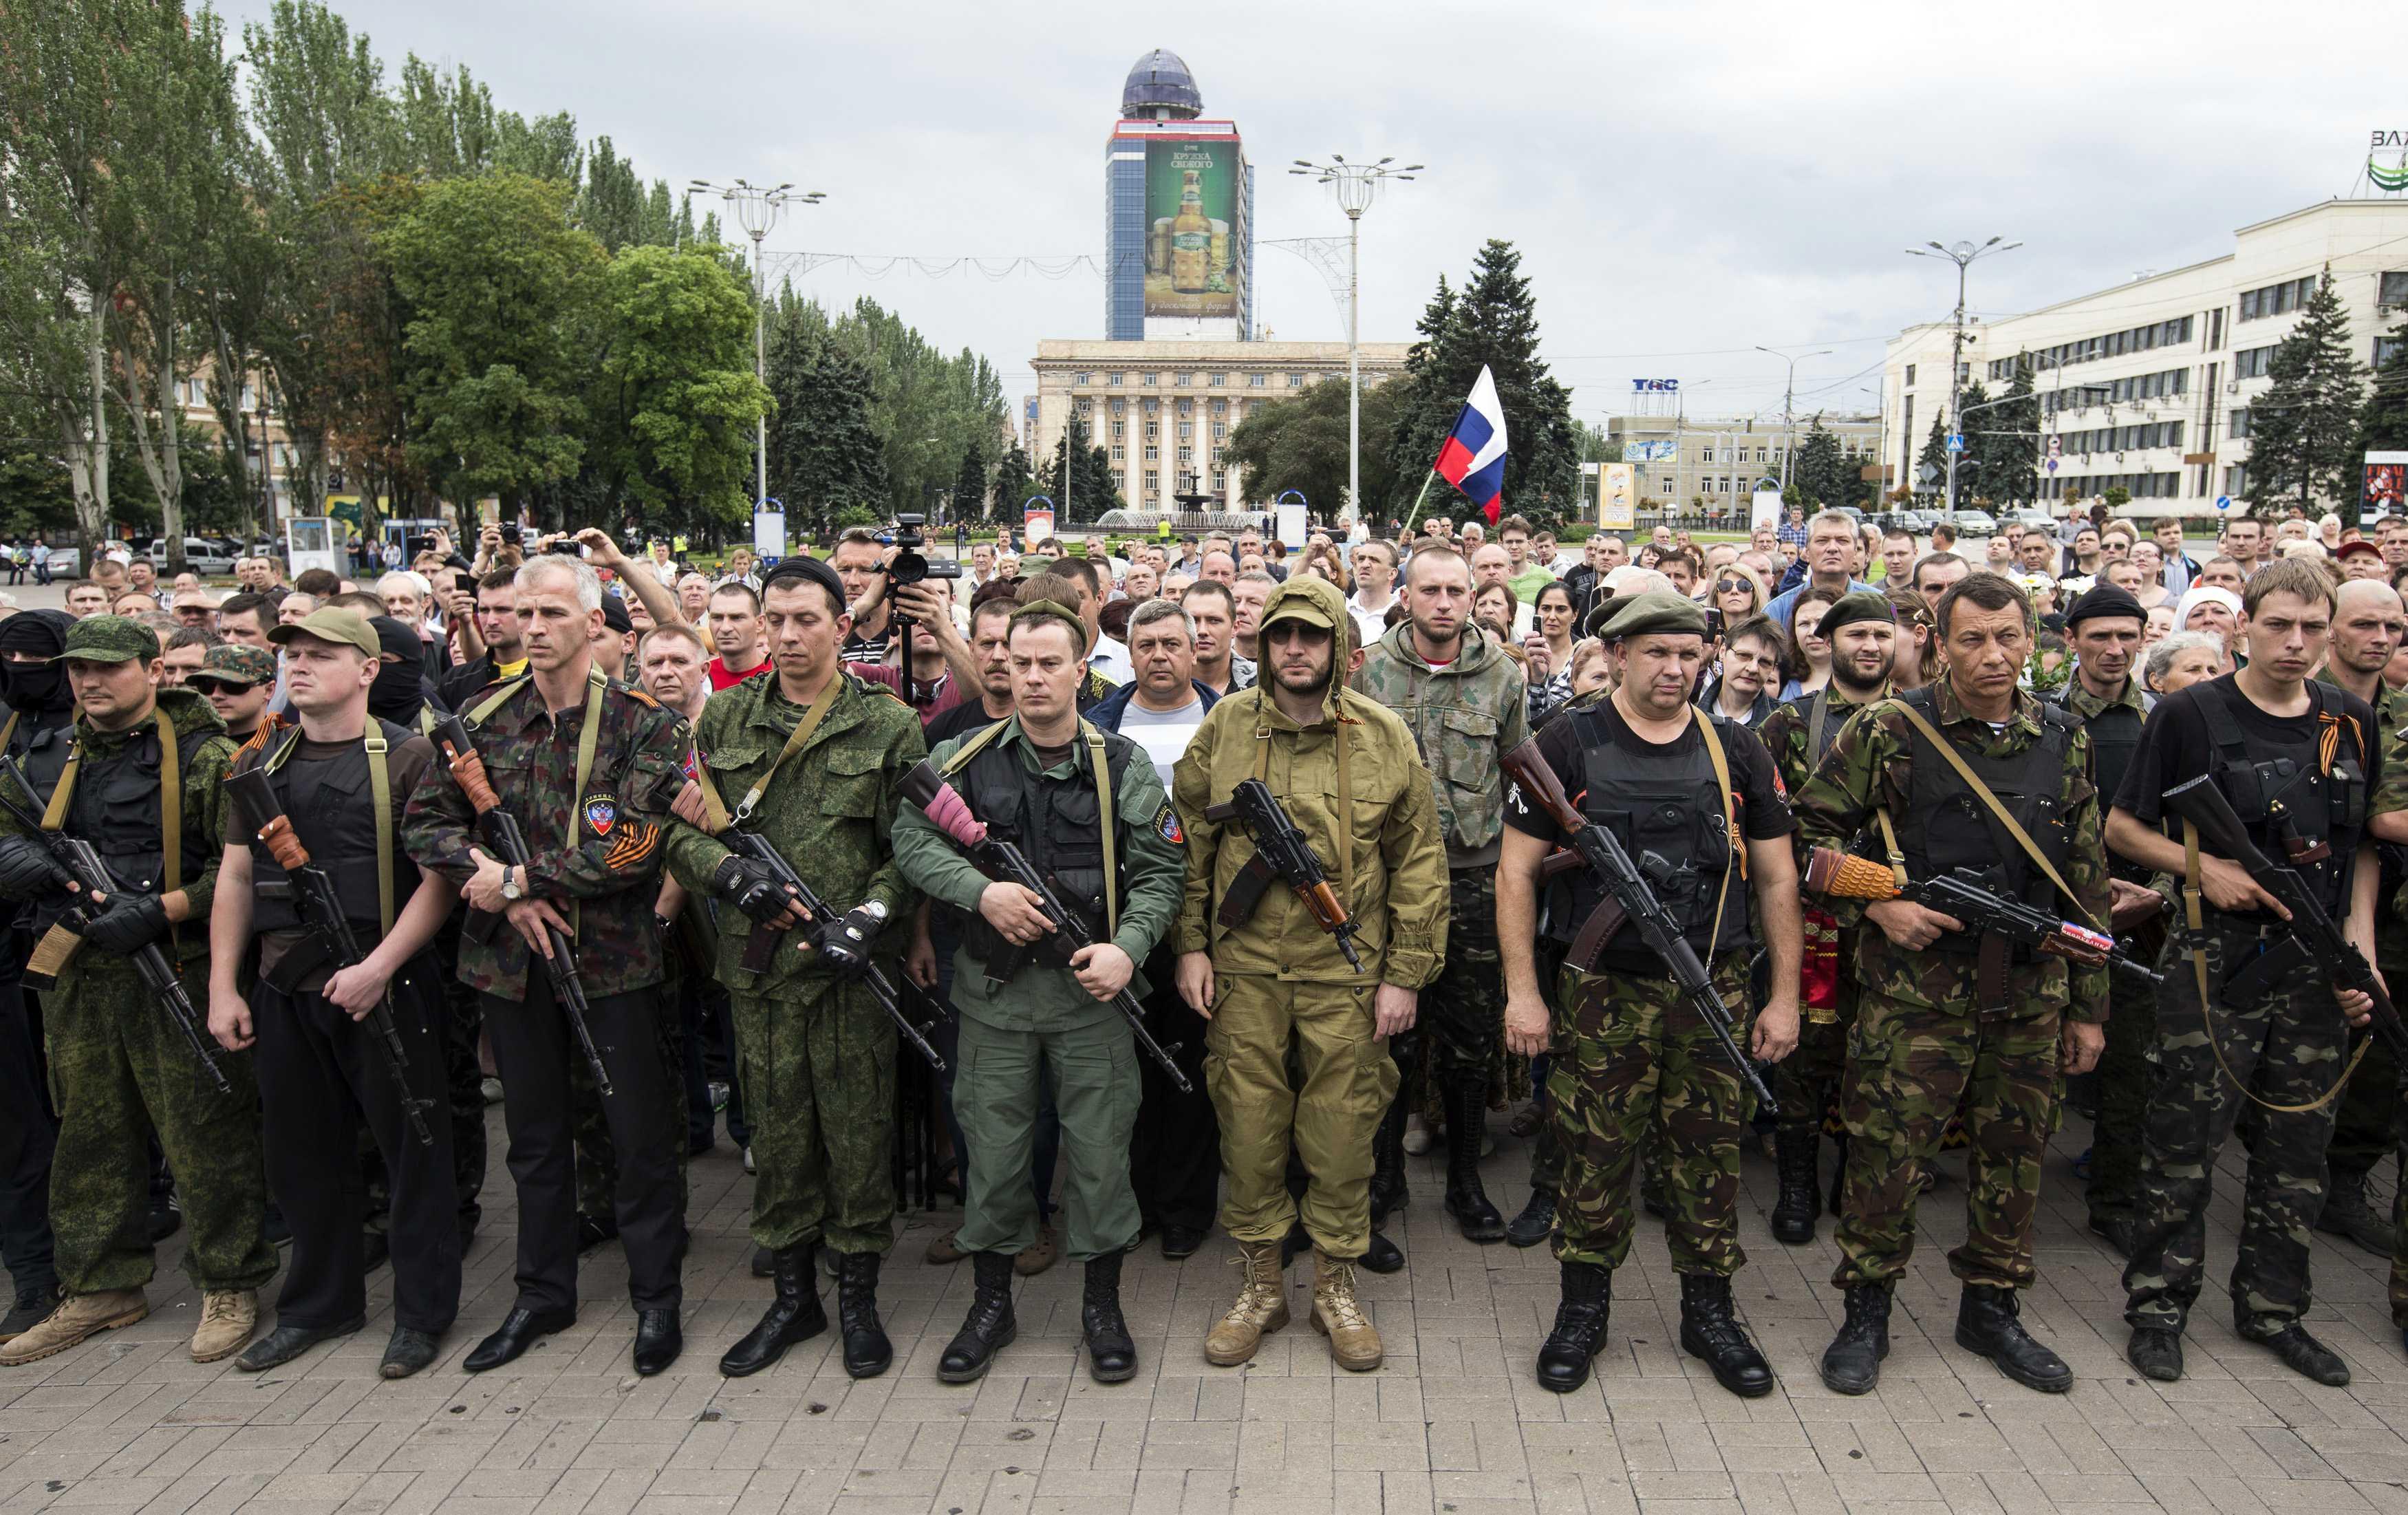 Războiul invizibil dintre Moscova și Kiev afectează securitatea internațională